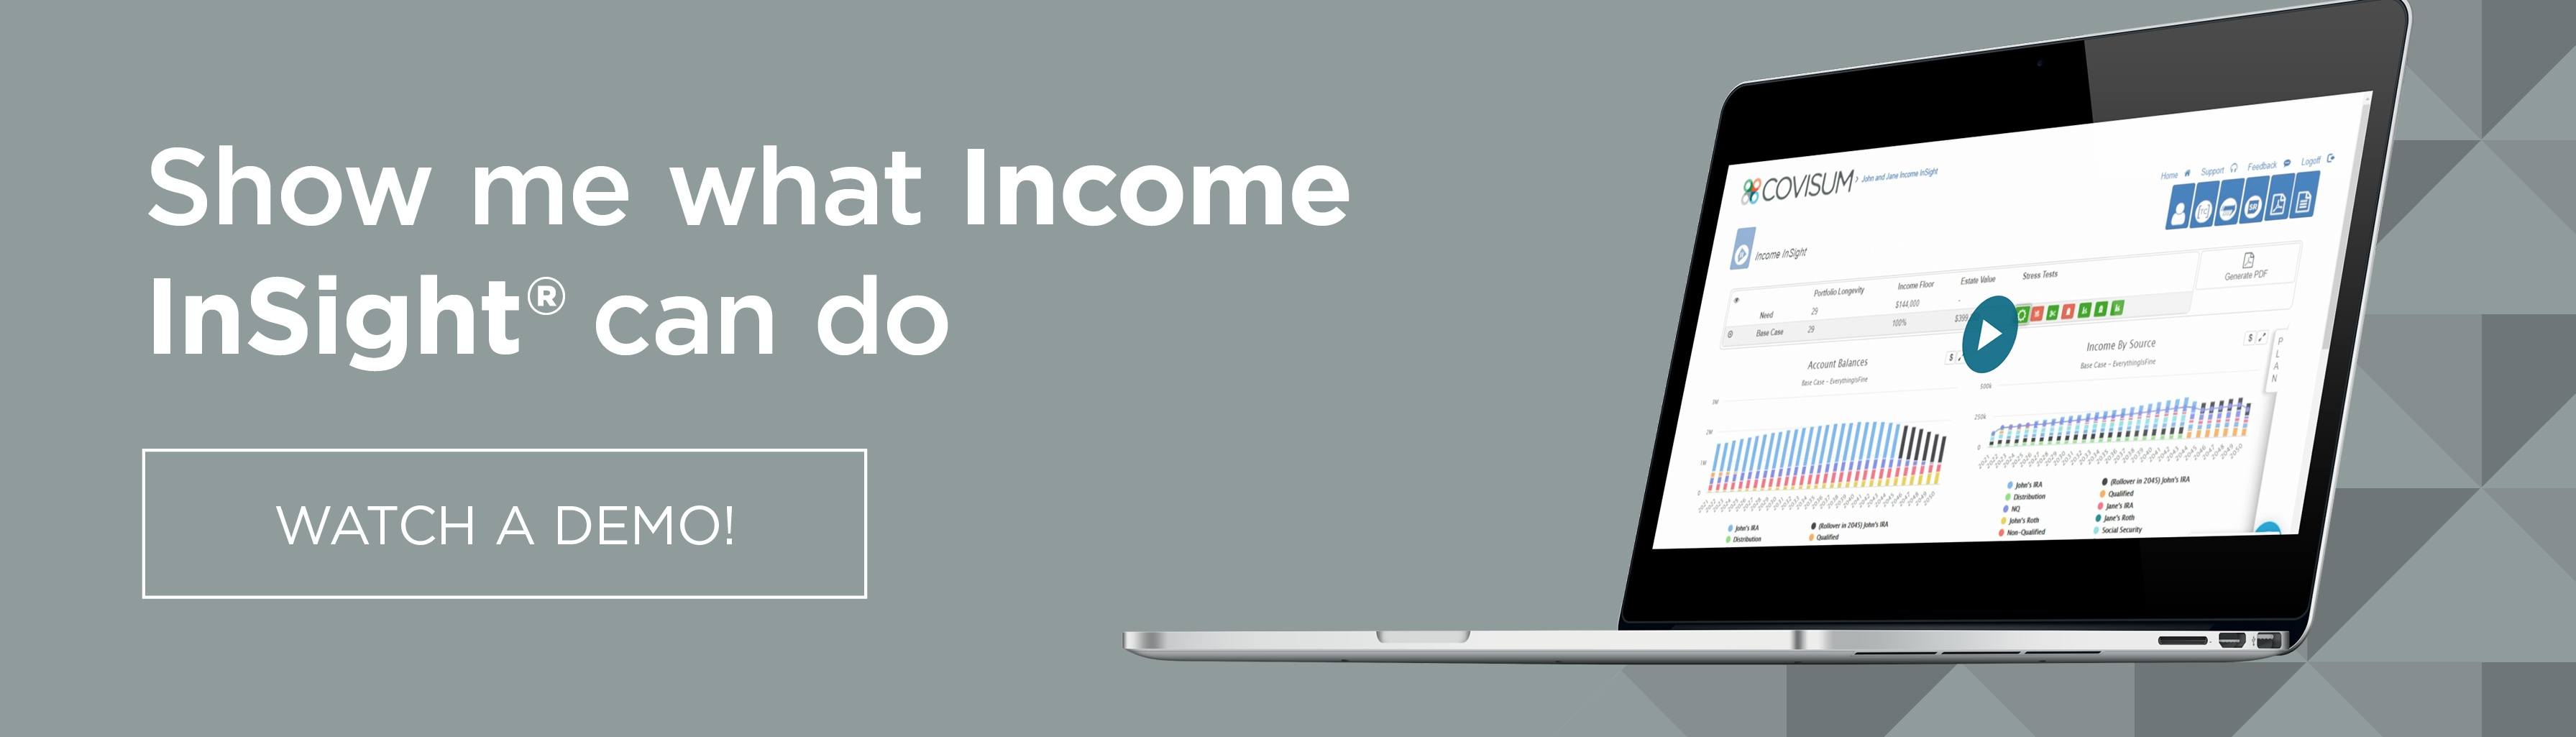 Income InSight demo